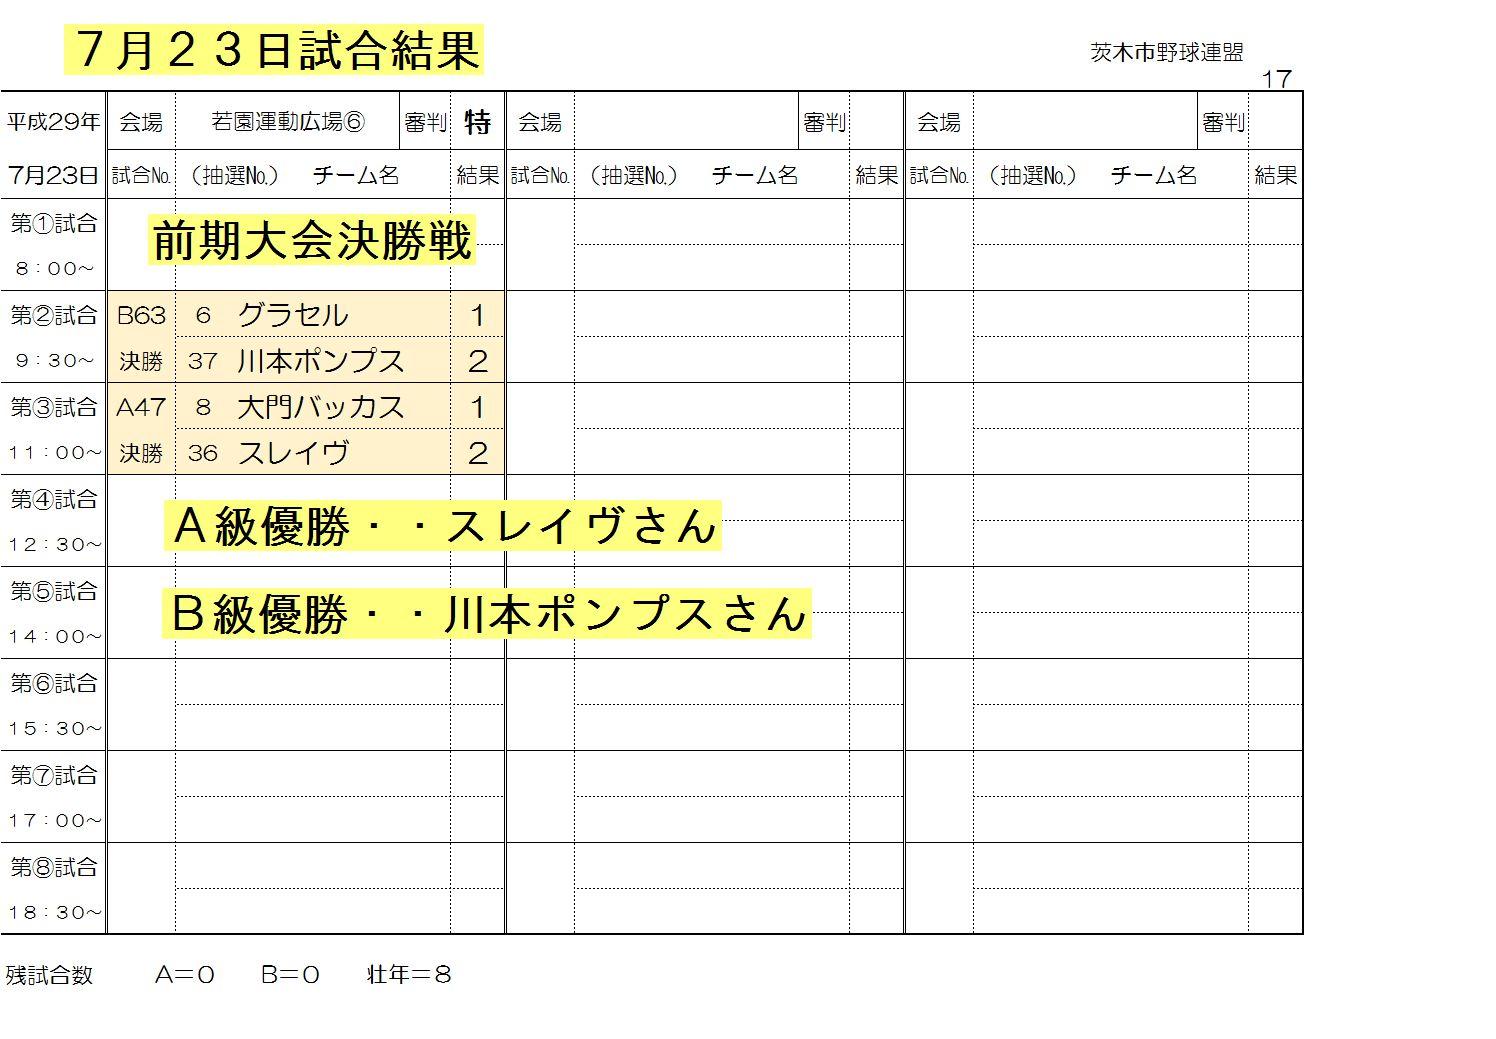 7月23日試合結果